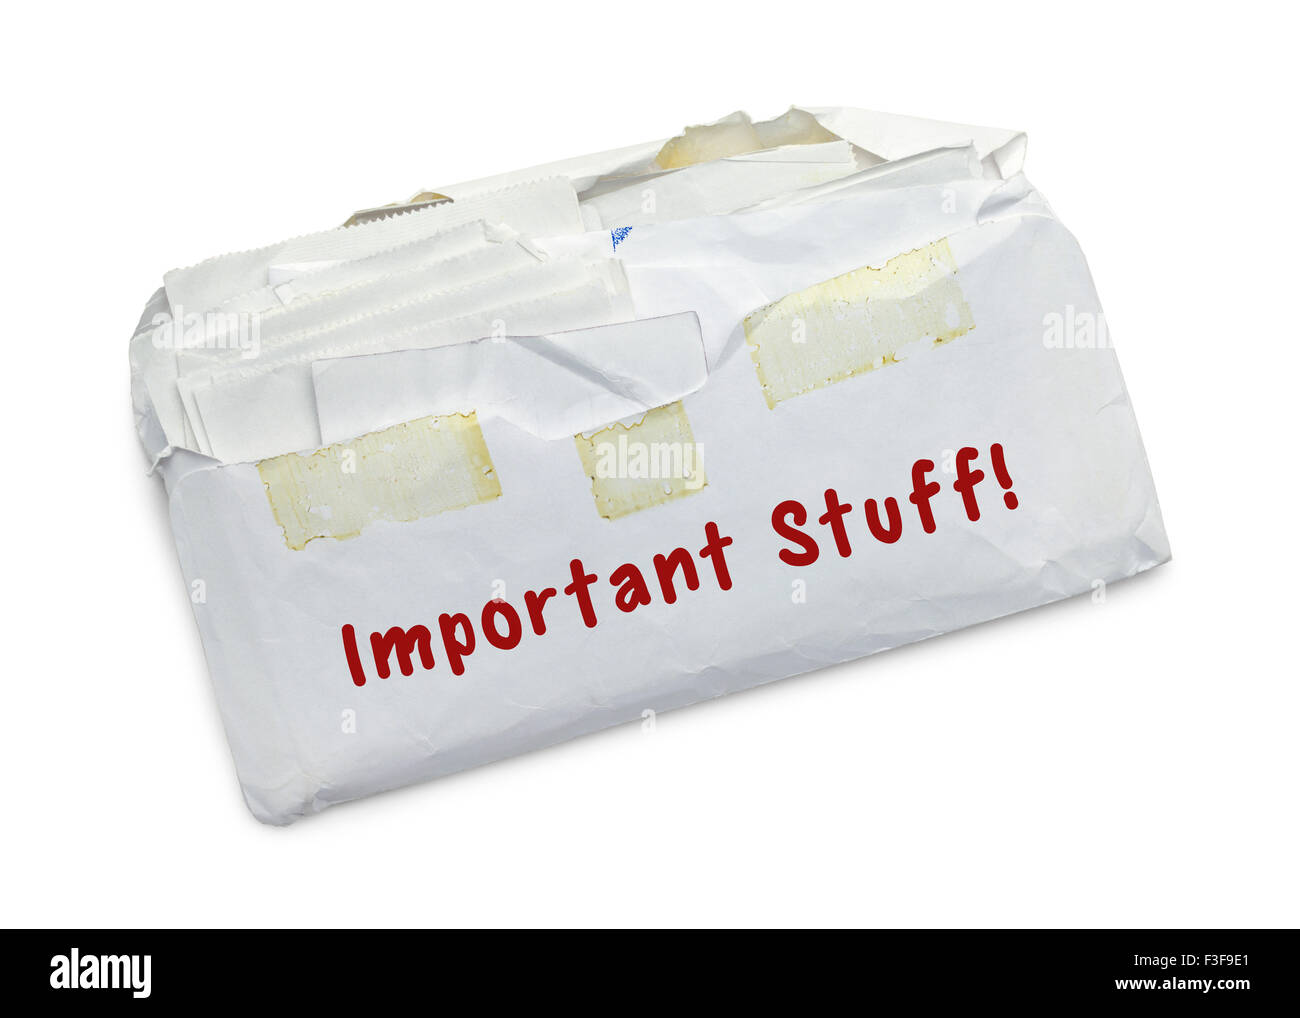 Plein de recettes enveloppe isolé sur fond blanc. Photo Stock